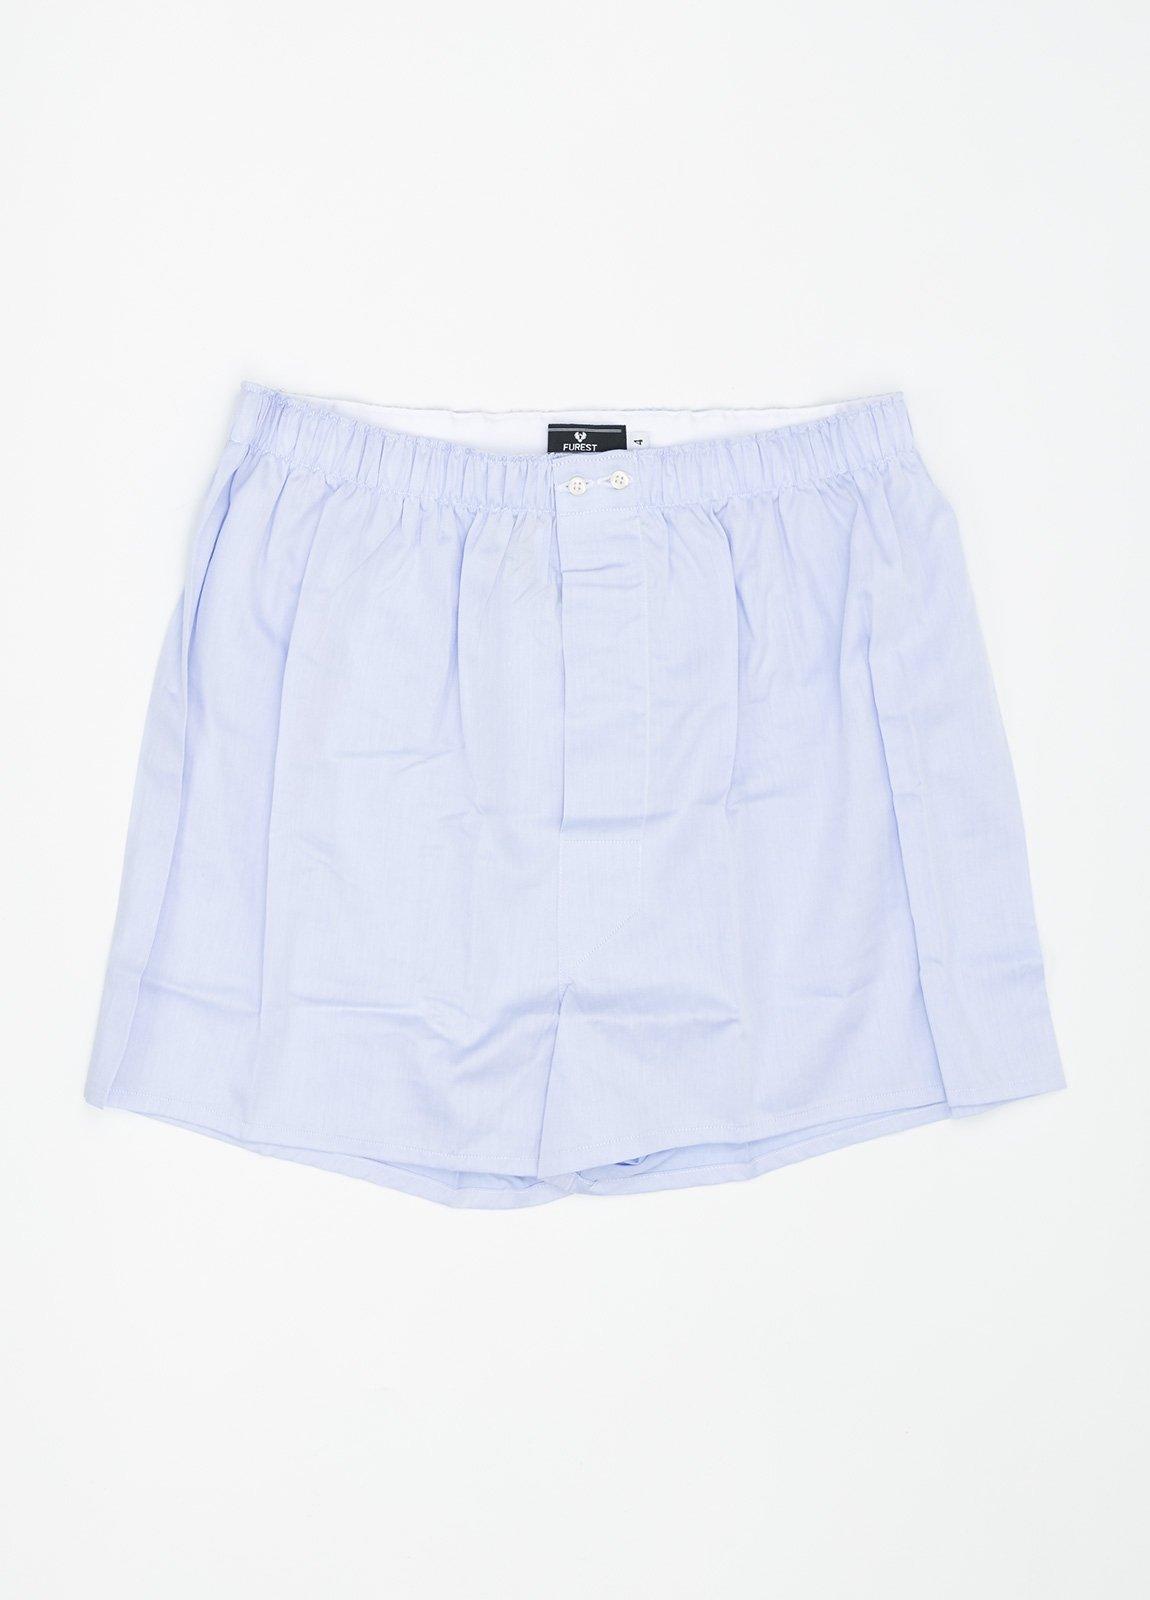 Boxer liso color azul celeste, 100% Algodón. Bolsa incluida del mismo tejido.